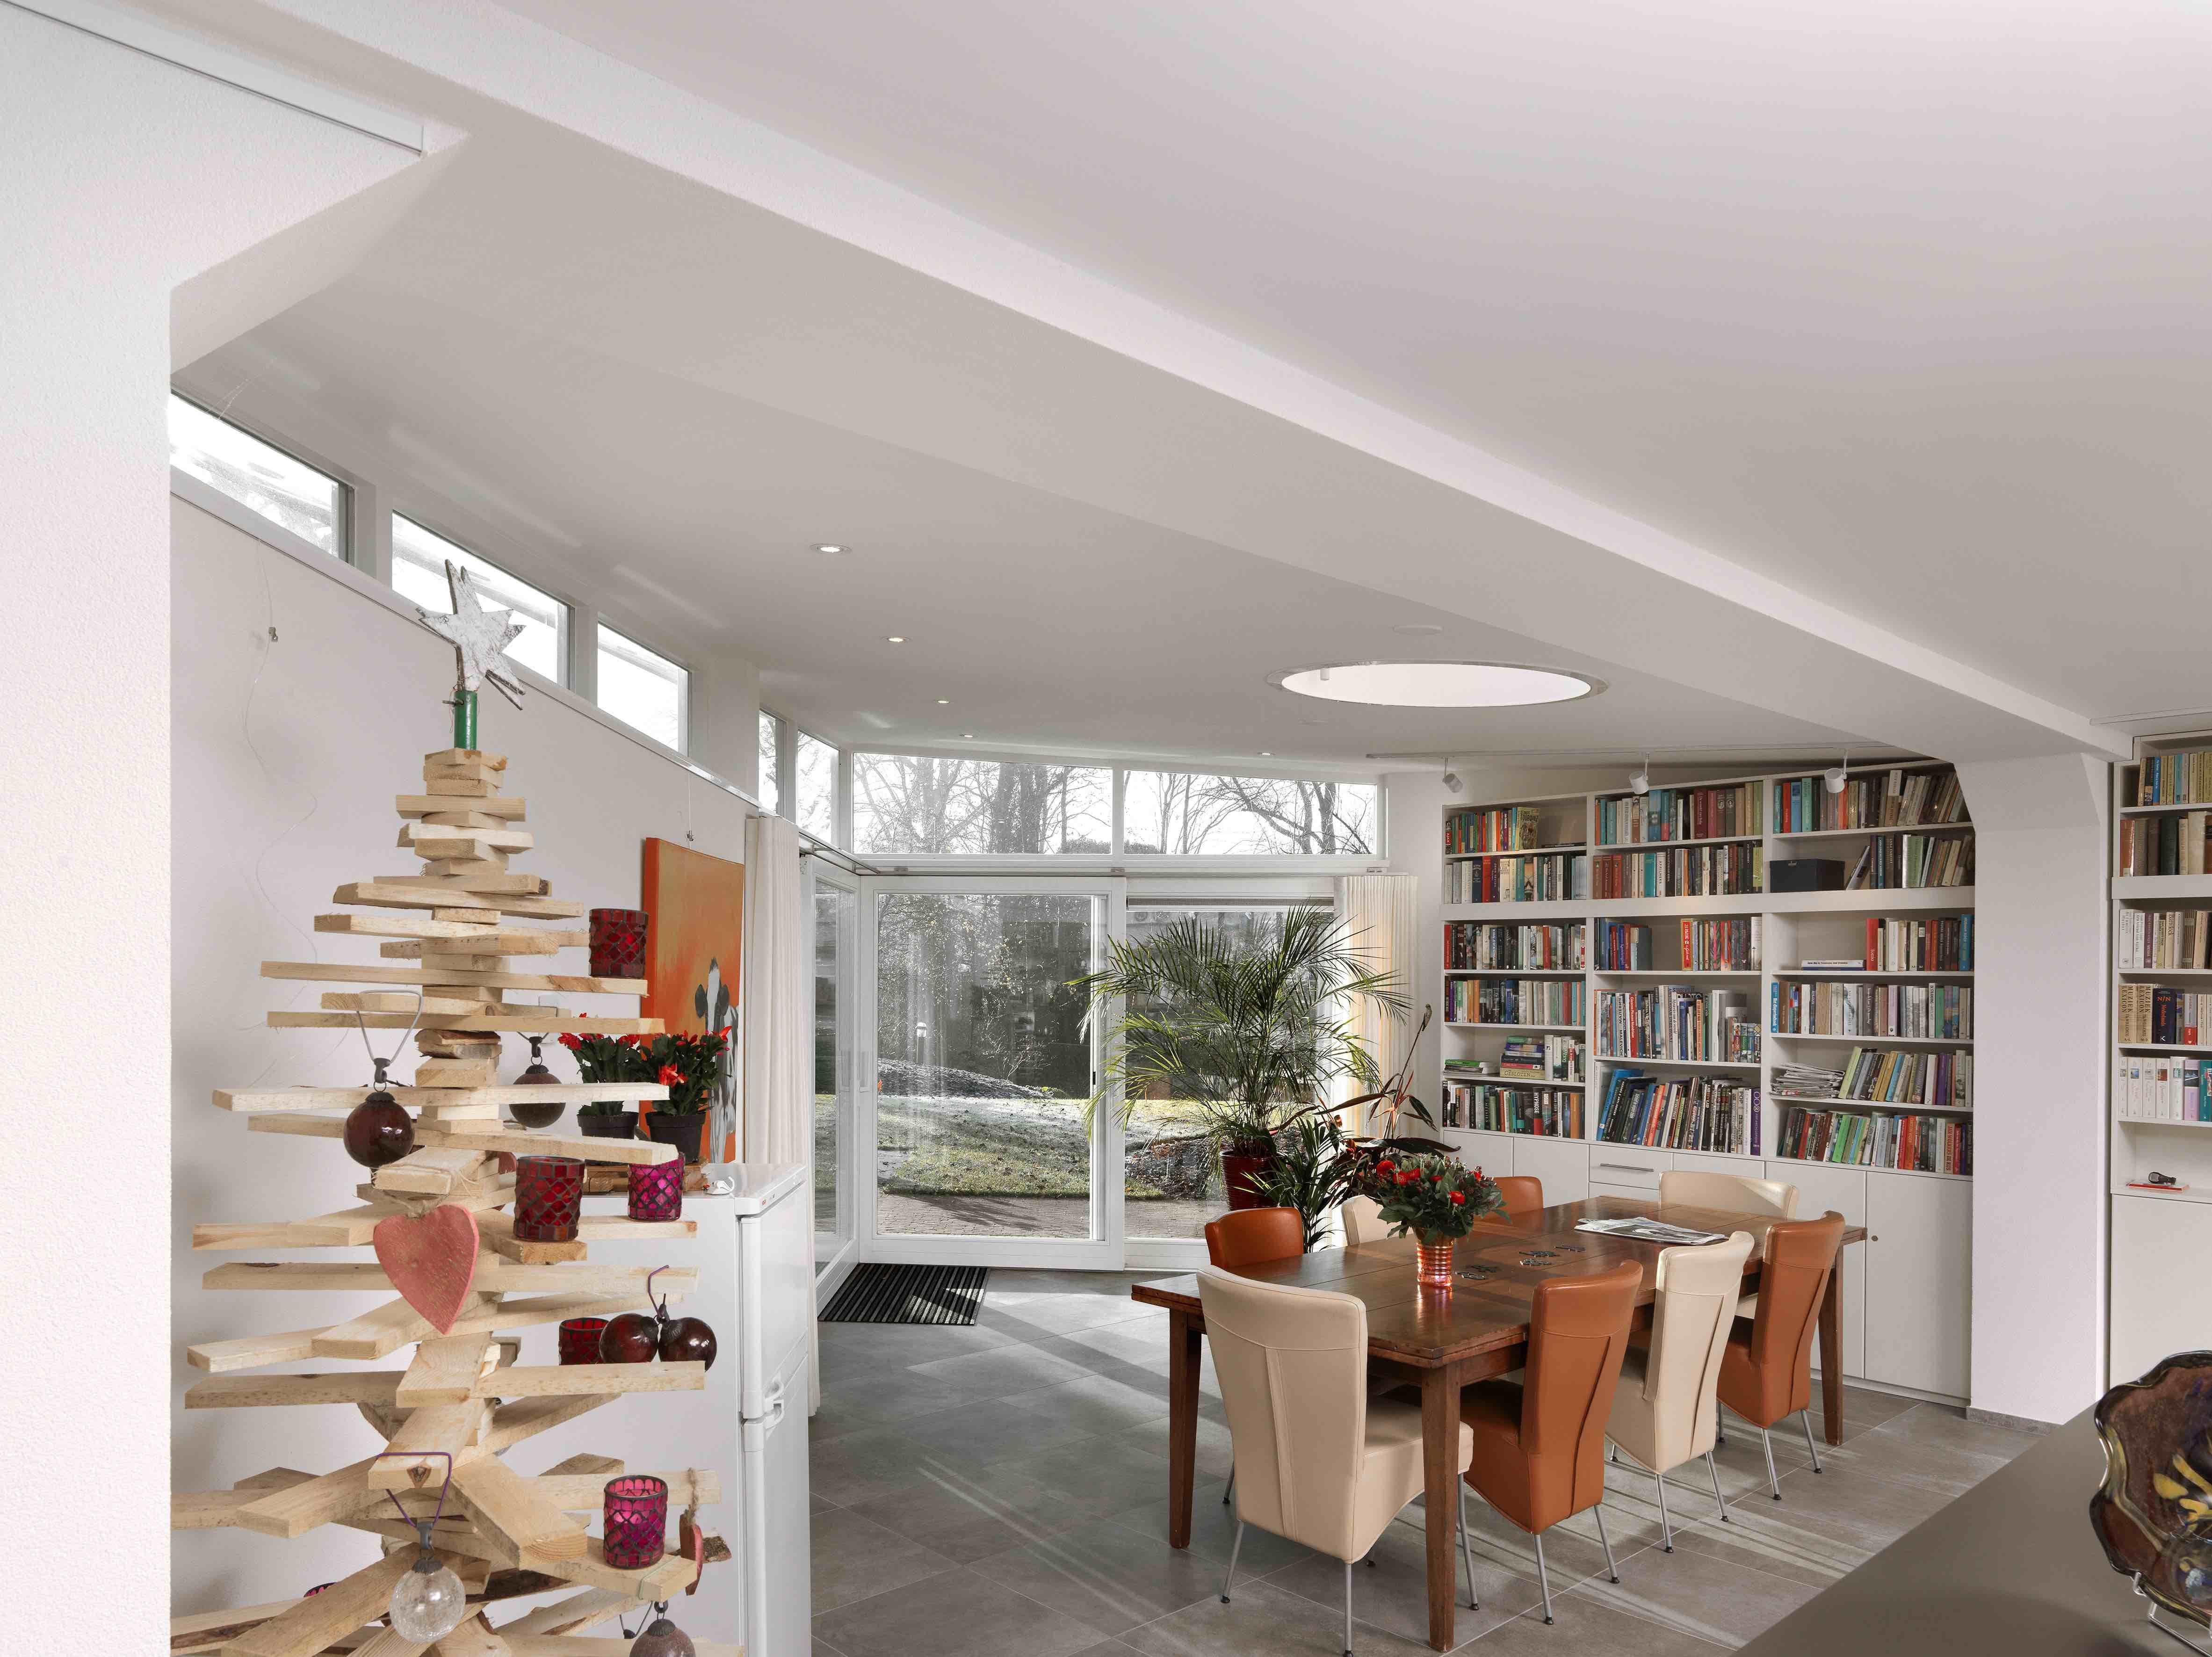 Vuijst ontwerpt | De Vleugel - uitbreiding woonhuis Almere Haven